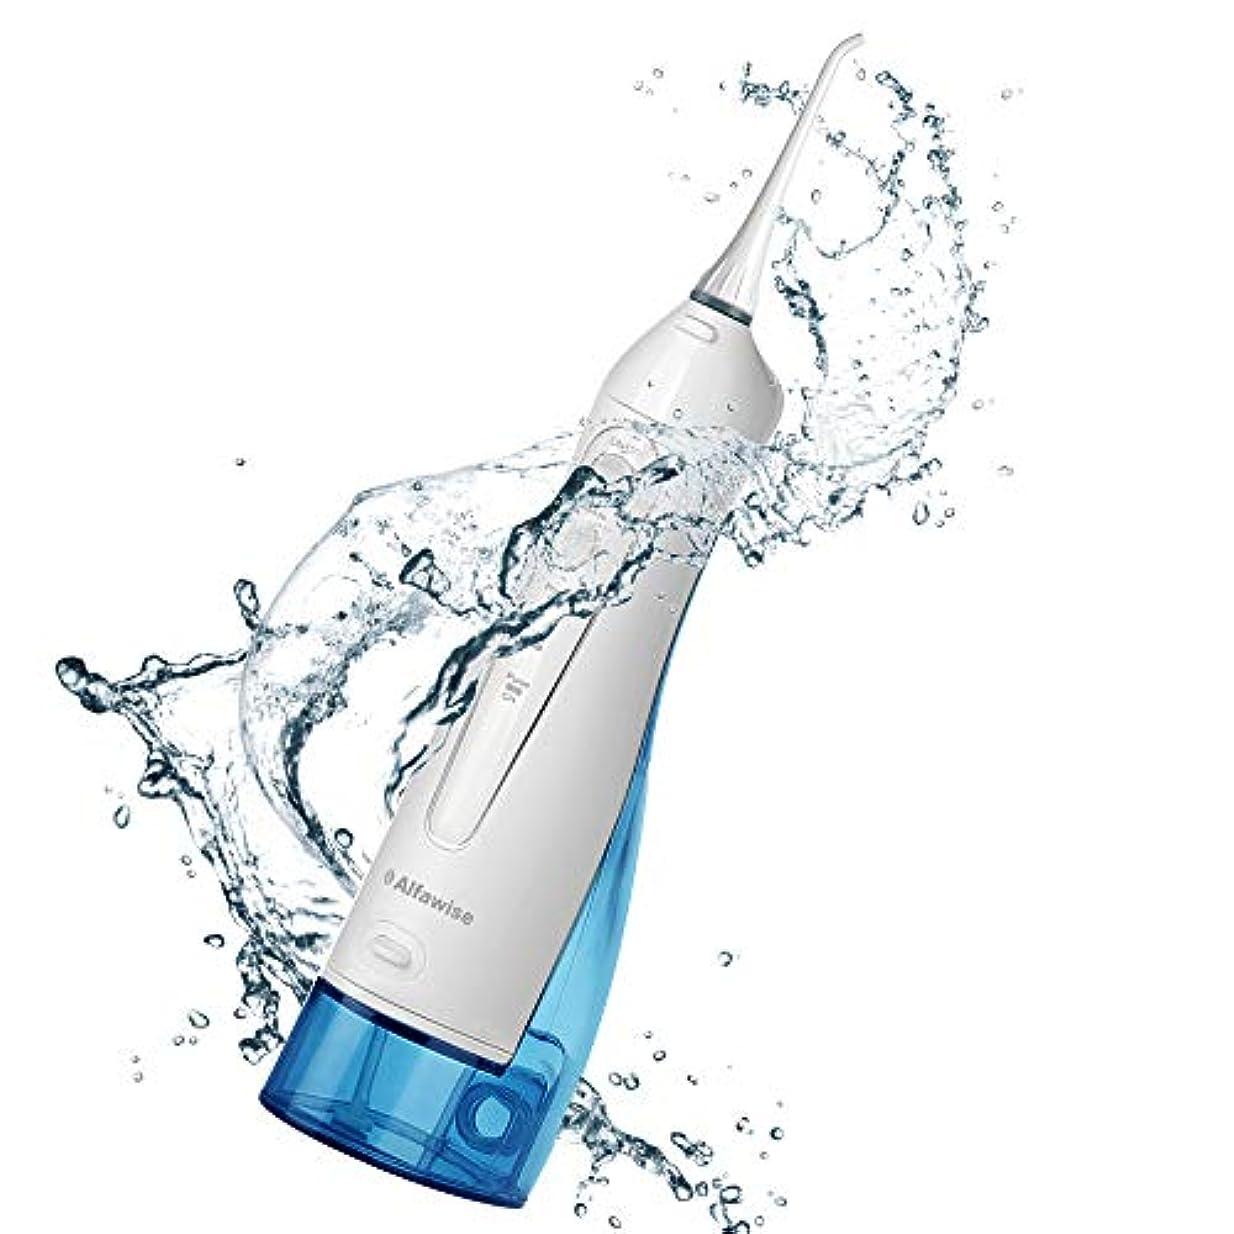 重要な下ネックレス電動歯磨き器3種類のオプションモードIPX7防水?防塵360°回転小型ノズル充電式口腔洗浄器2ノズル